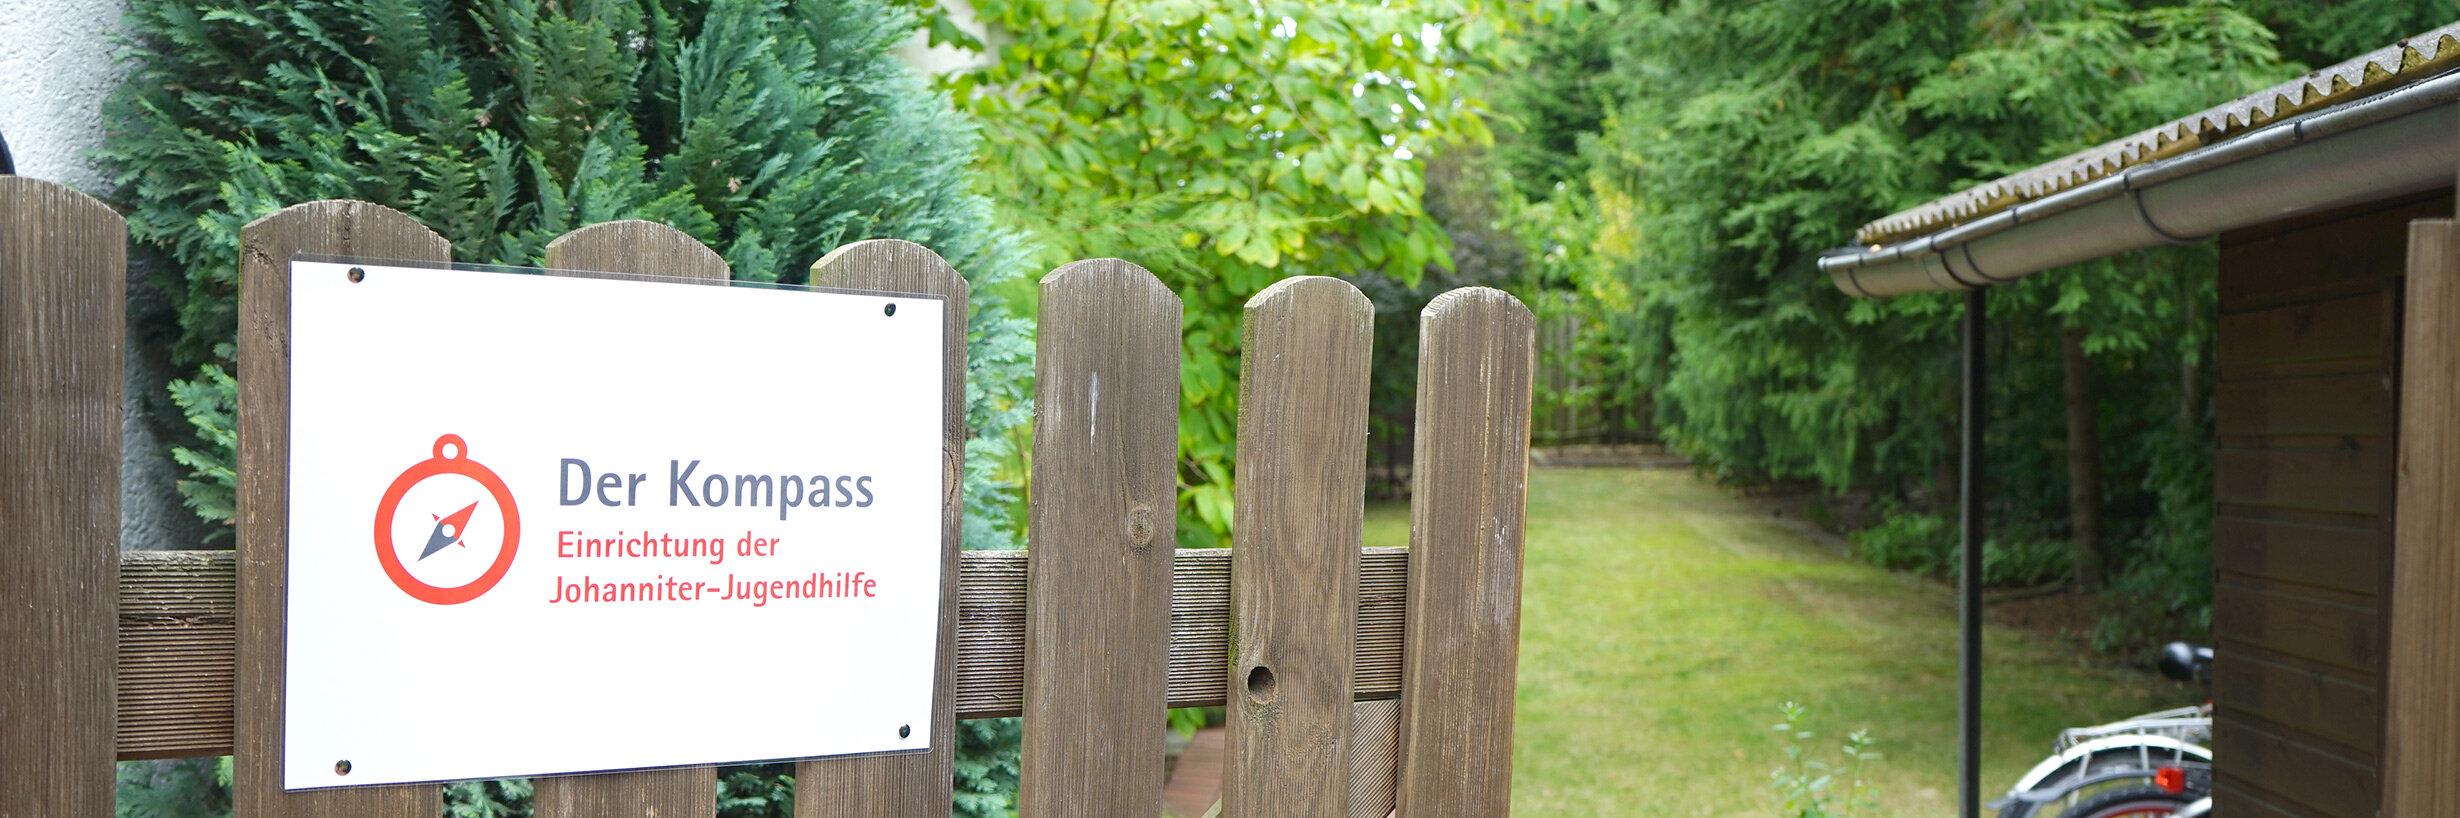 """geöffnetes Gartentor mit Schild """"Johanniter-Jugendhilfe Kompass"""""""